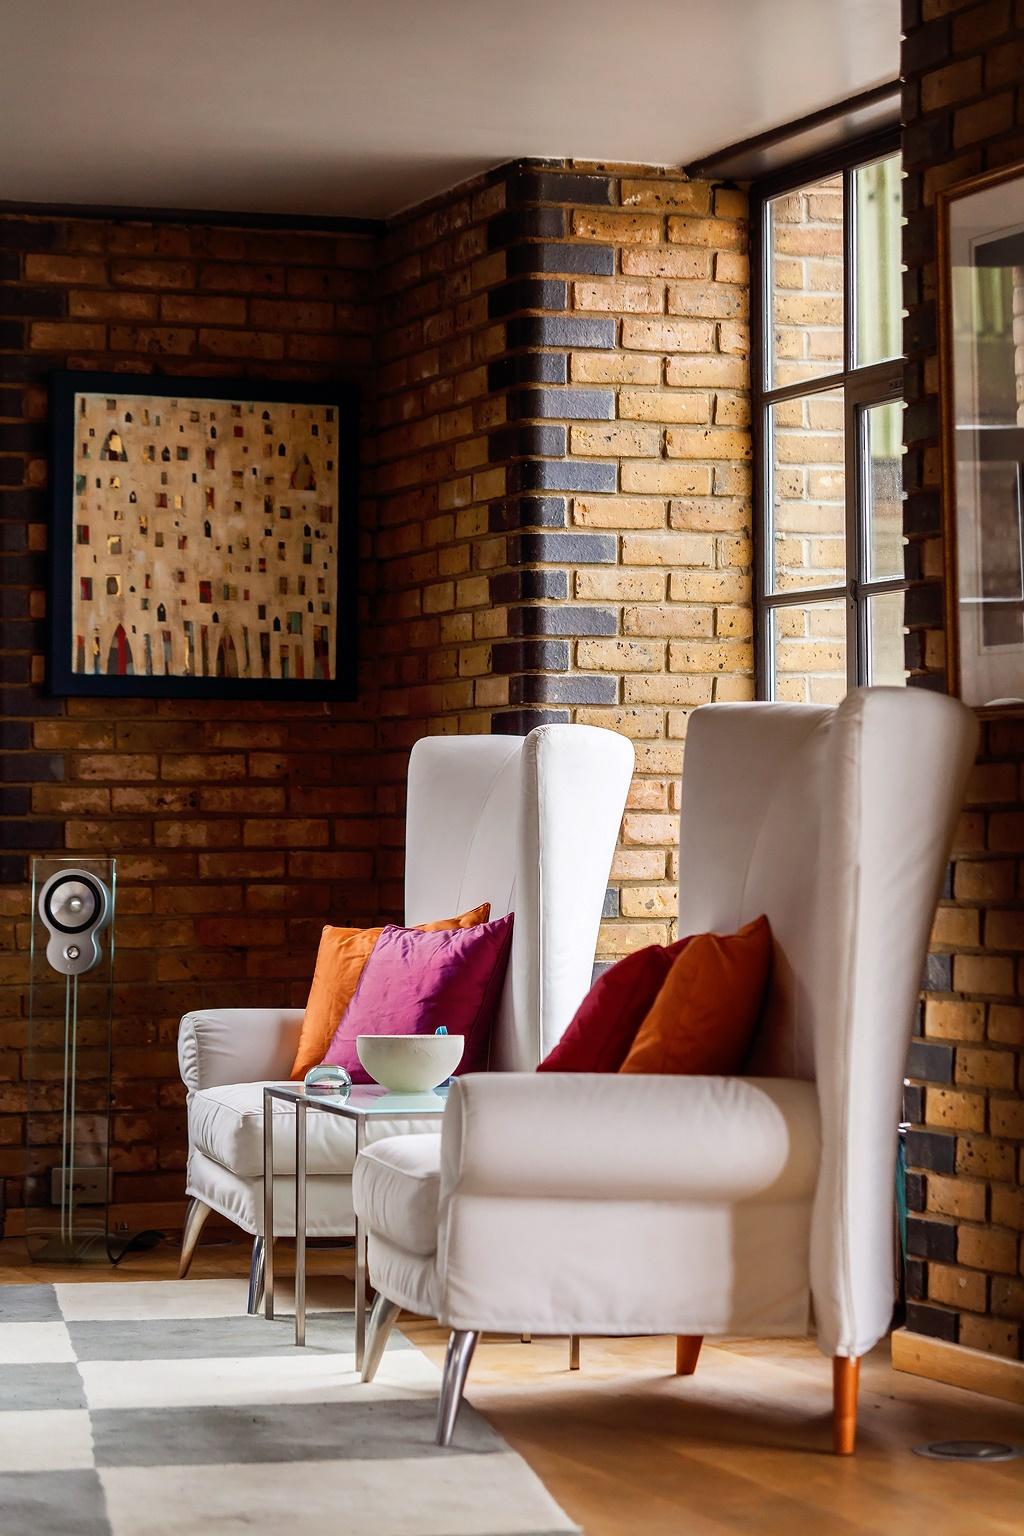 Imagens de #2E140A Cimento queimado e Tijolinhos Decore Juu 1024x1536 px 3672 Banheiros Rusticos Cimento Queimado